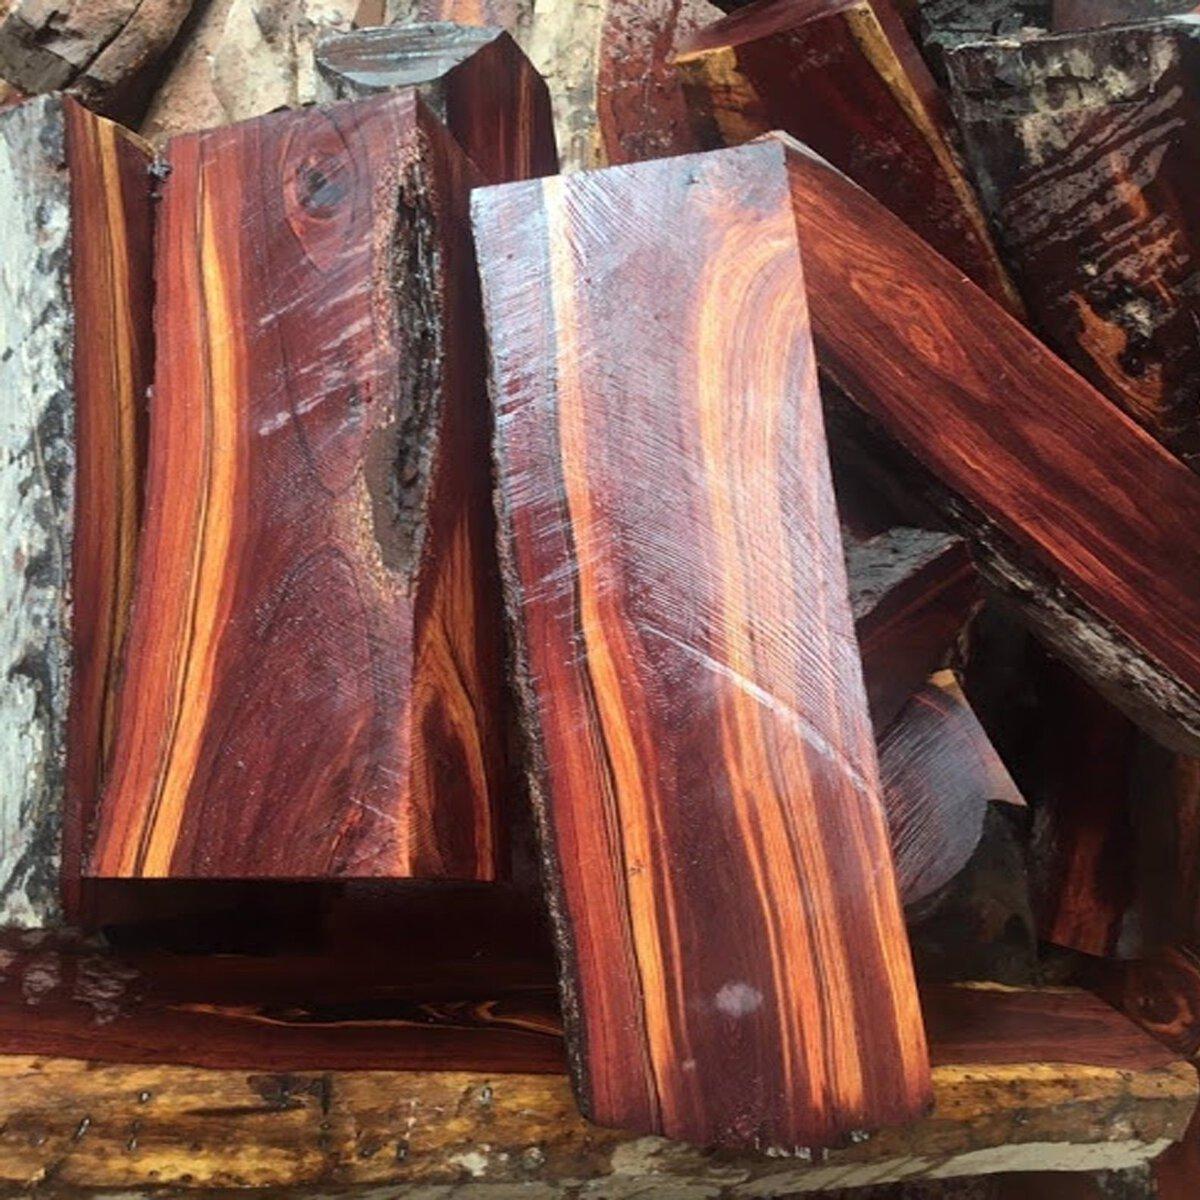 Hồi kết cuộc chiến giữa gỗ cẩm, gỗ hương và gỗ trắc - hoi ket cuoc chien giua go cam g0 trac va go huong